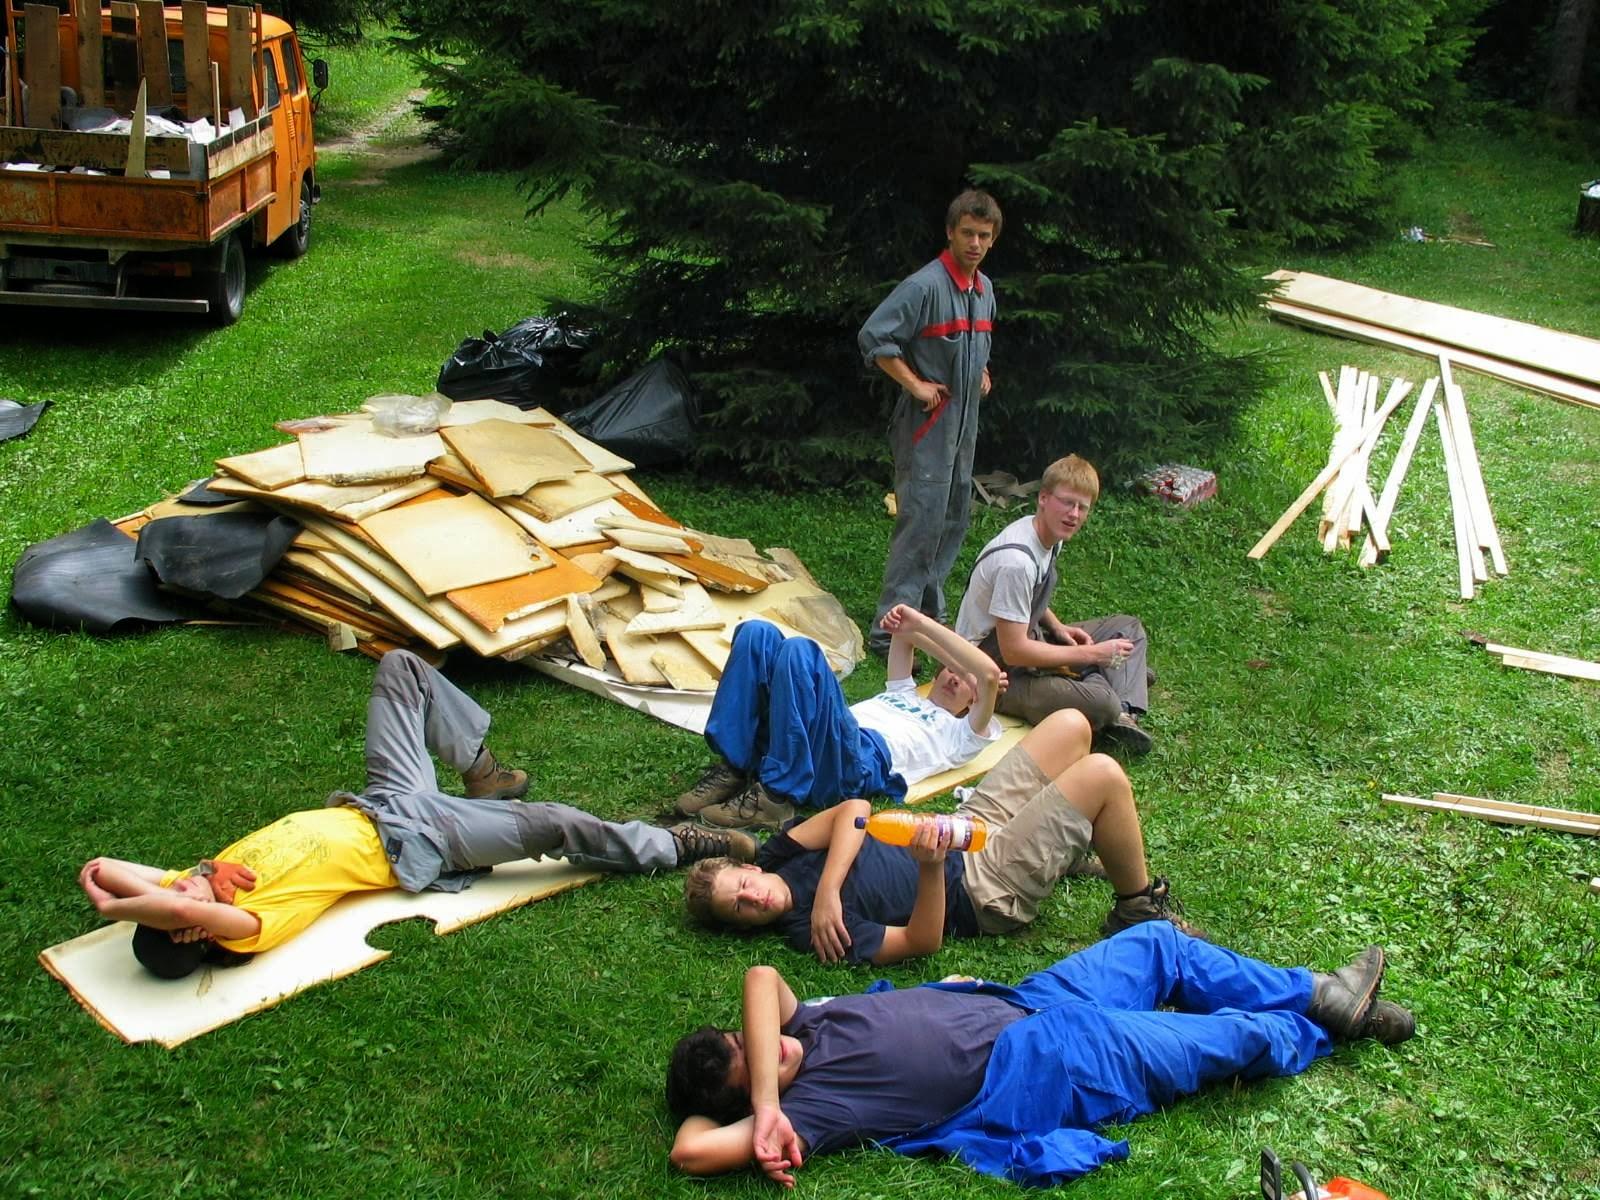 Delovna akcija - Streha, Črni dol 2006 - streha%2B093.jpg